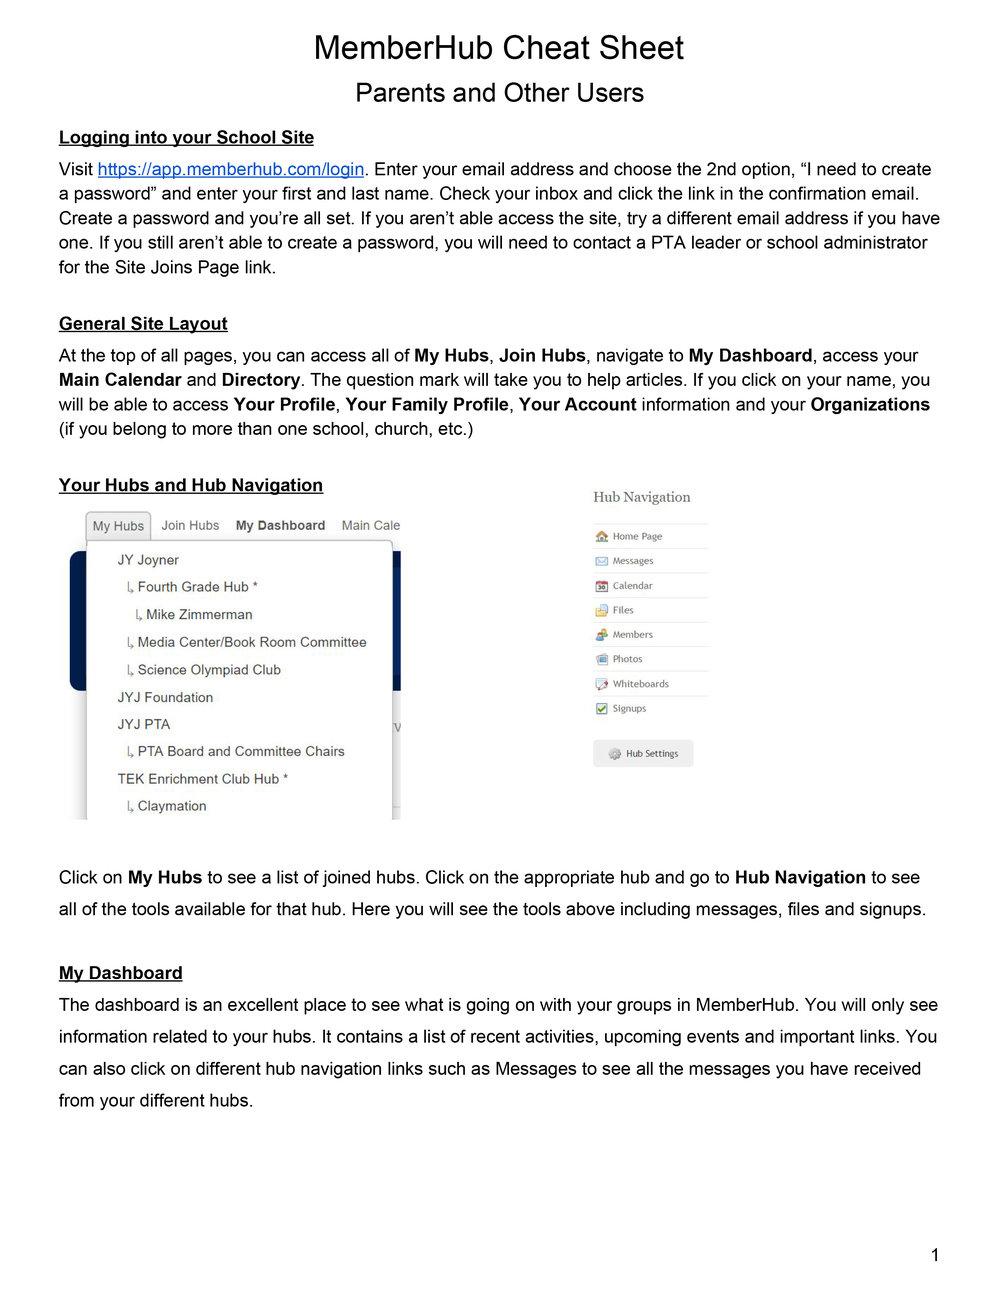 ParentUser Cheat Sheet-1.jpg